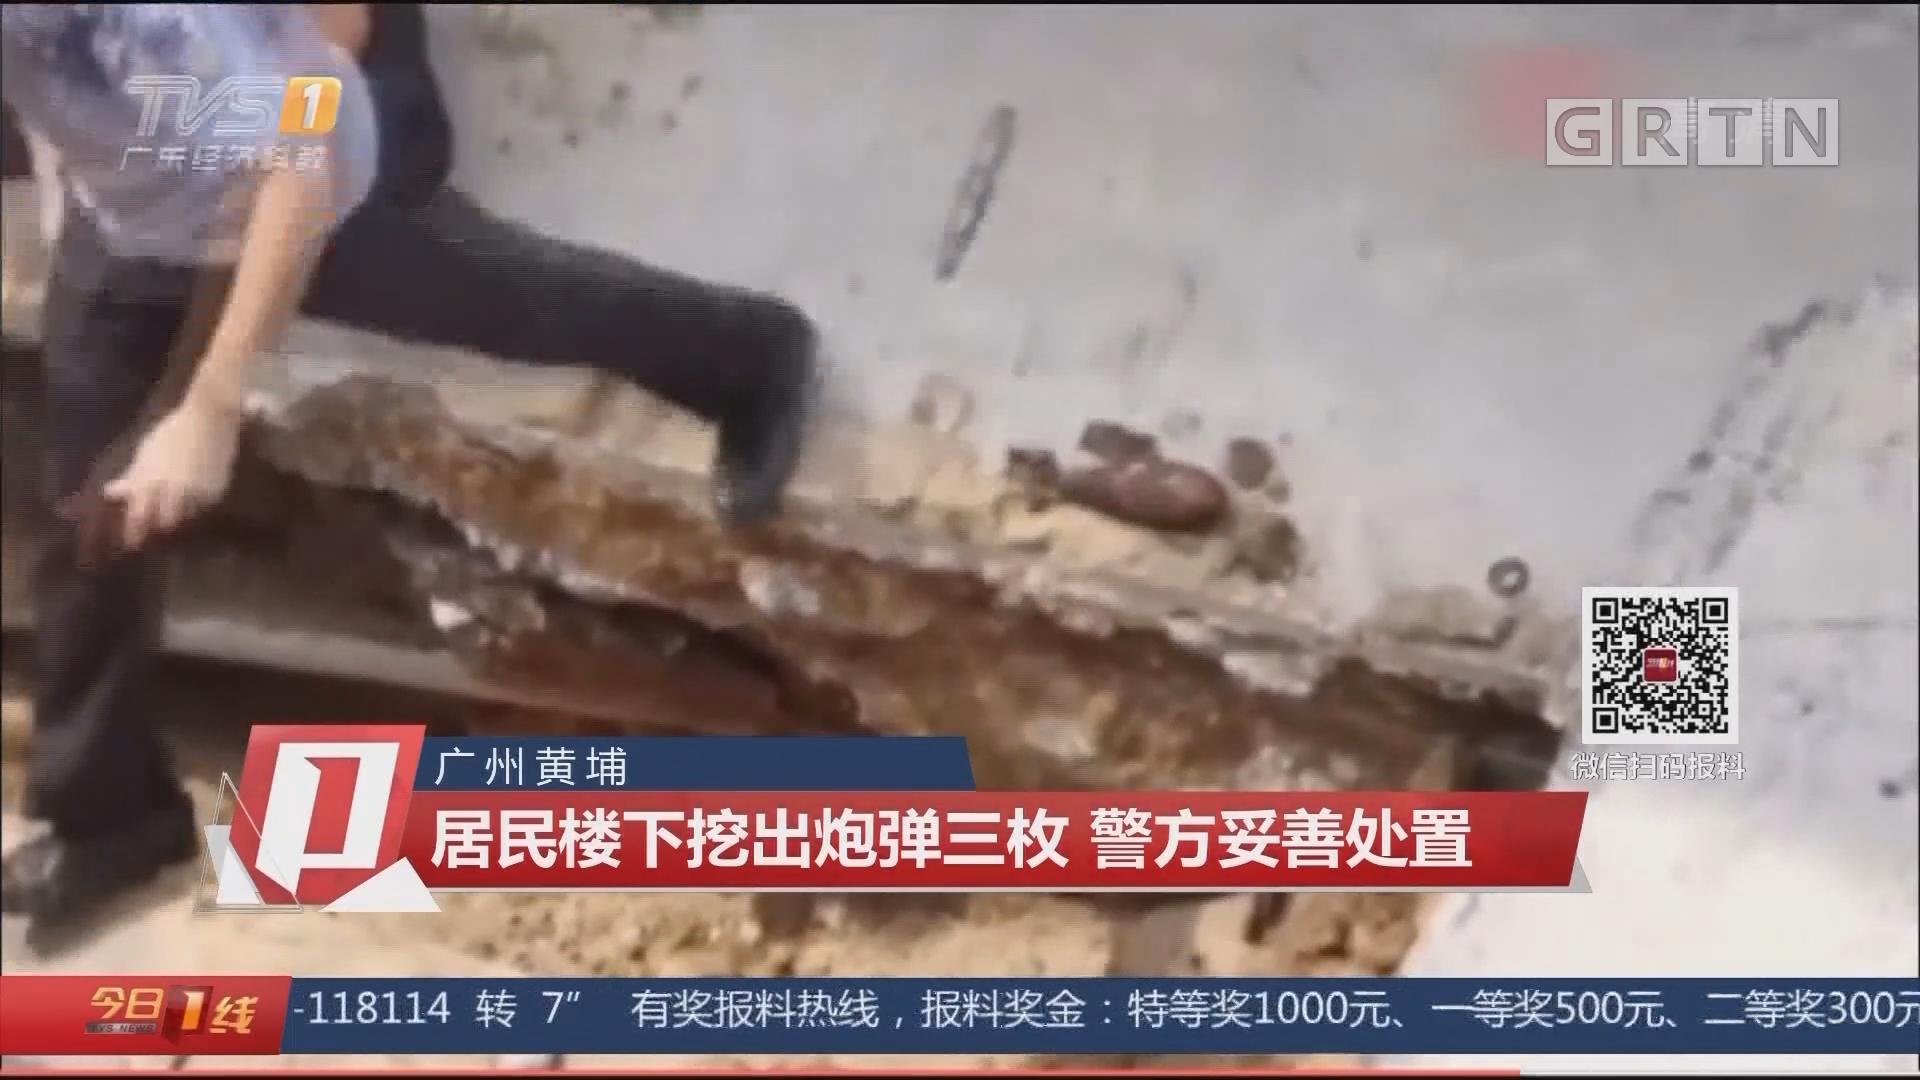 广州黄埔:居民楼下挖出炮弹三枚 警方妥善处置